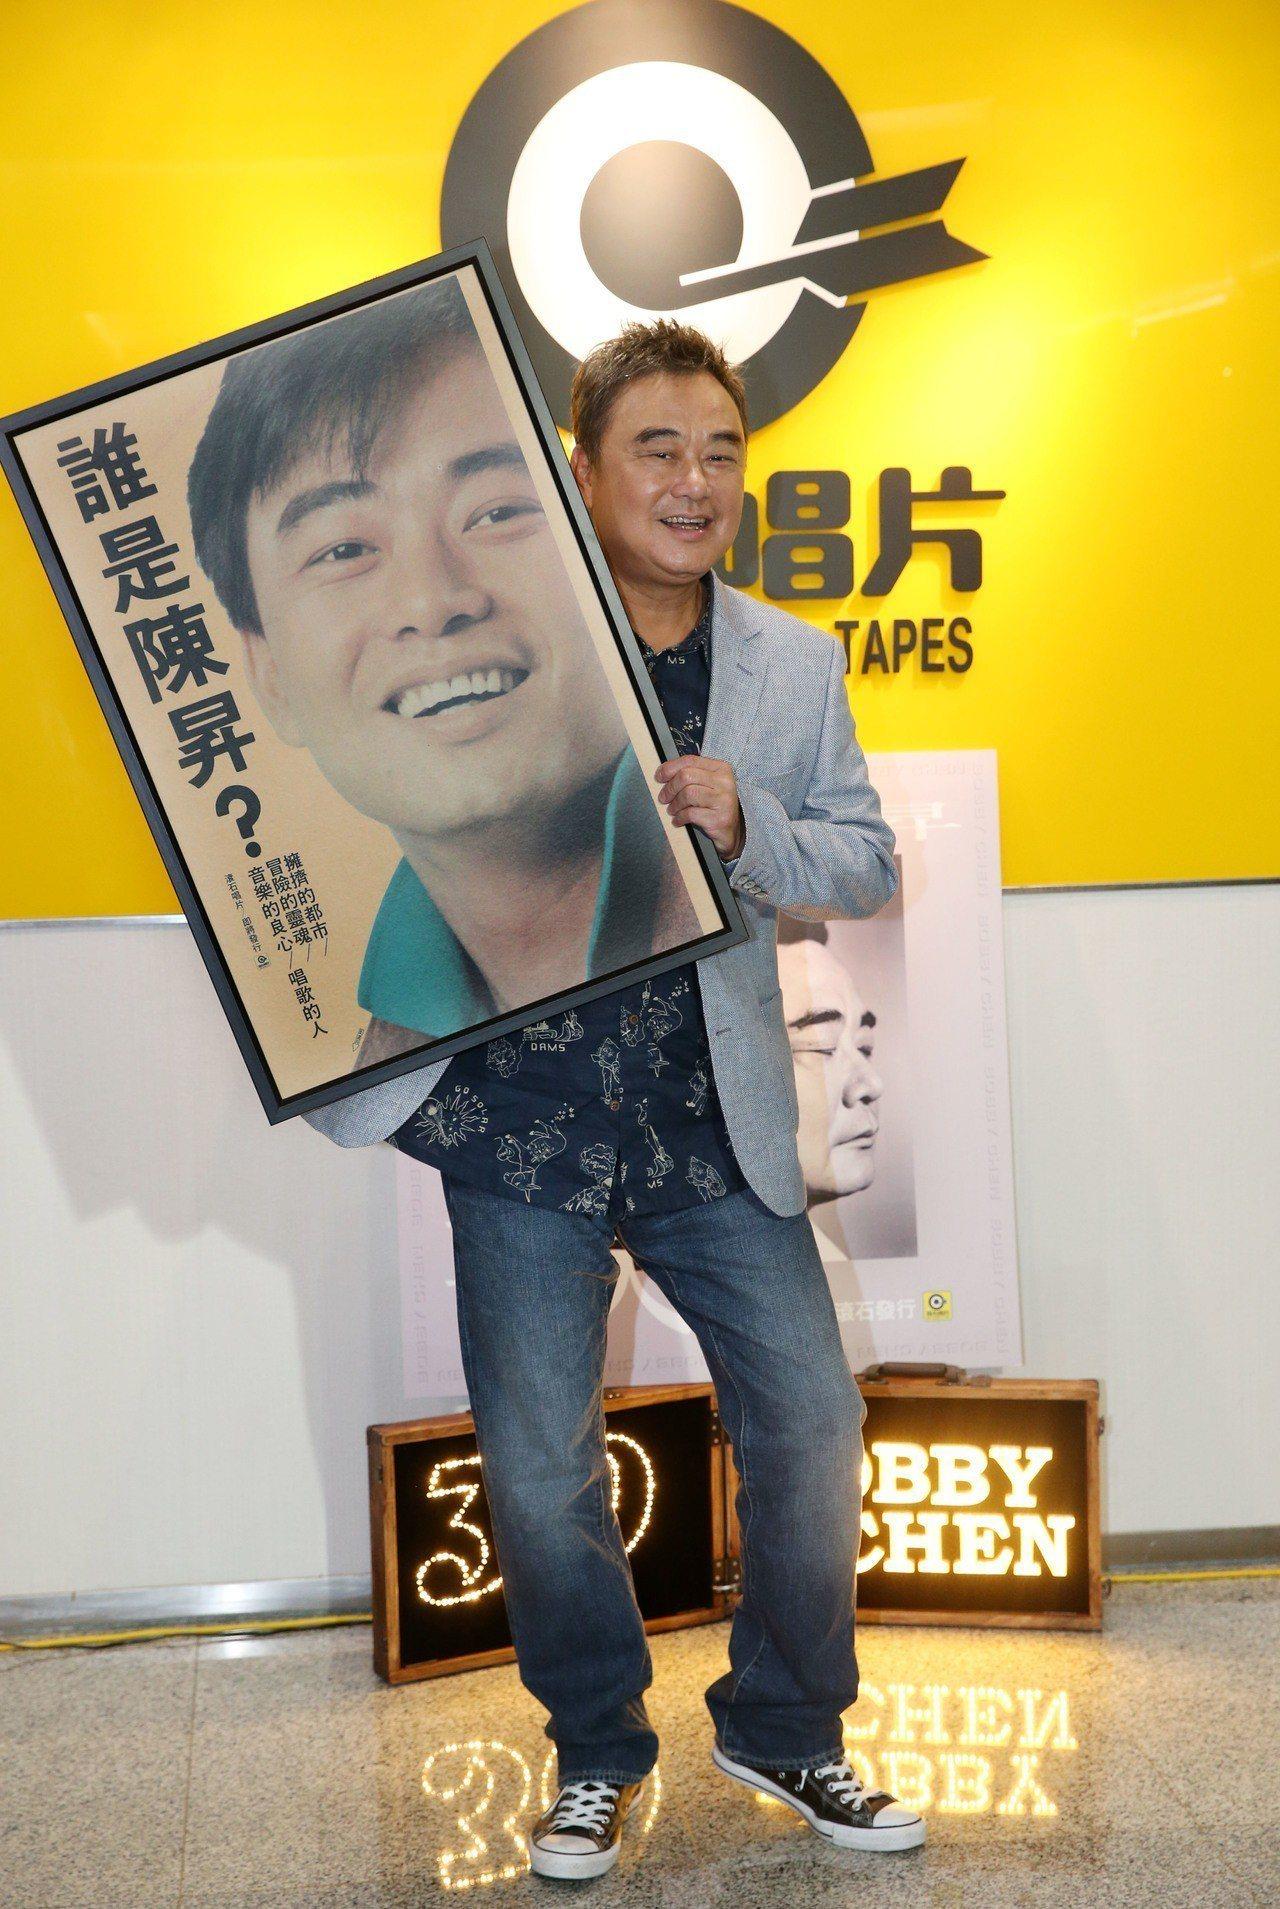 陳昇「無歌之歌」新專輯發表,不忘初衷拿出在滾石出的第一張專輯海報。記者林俊良/攝...